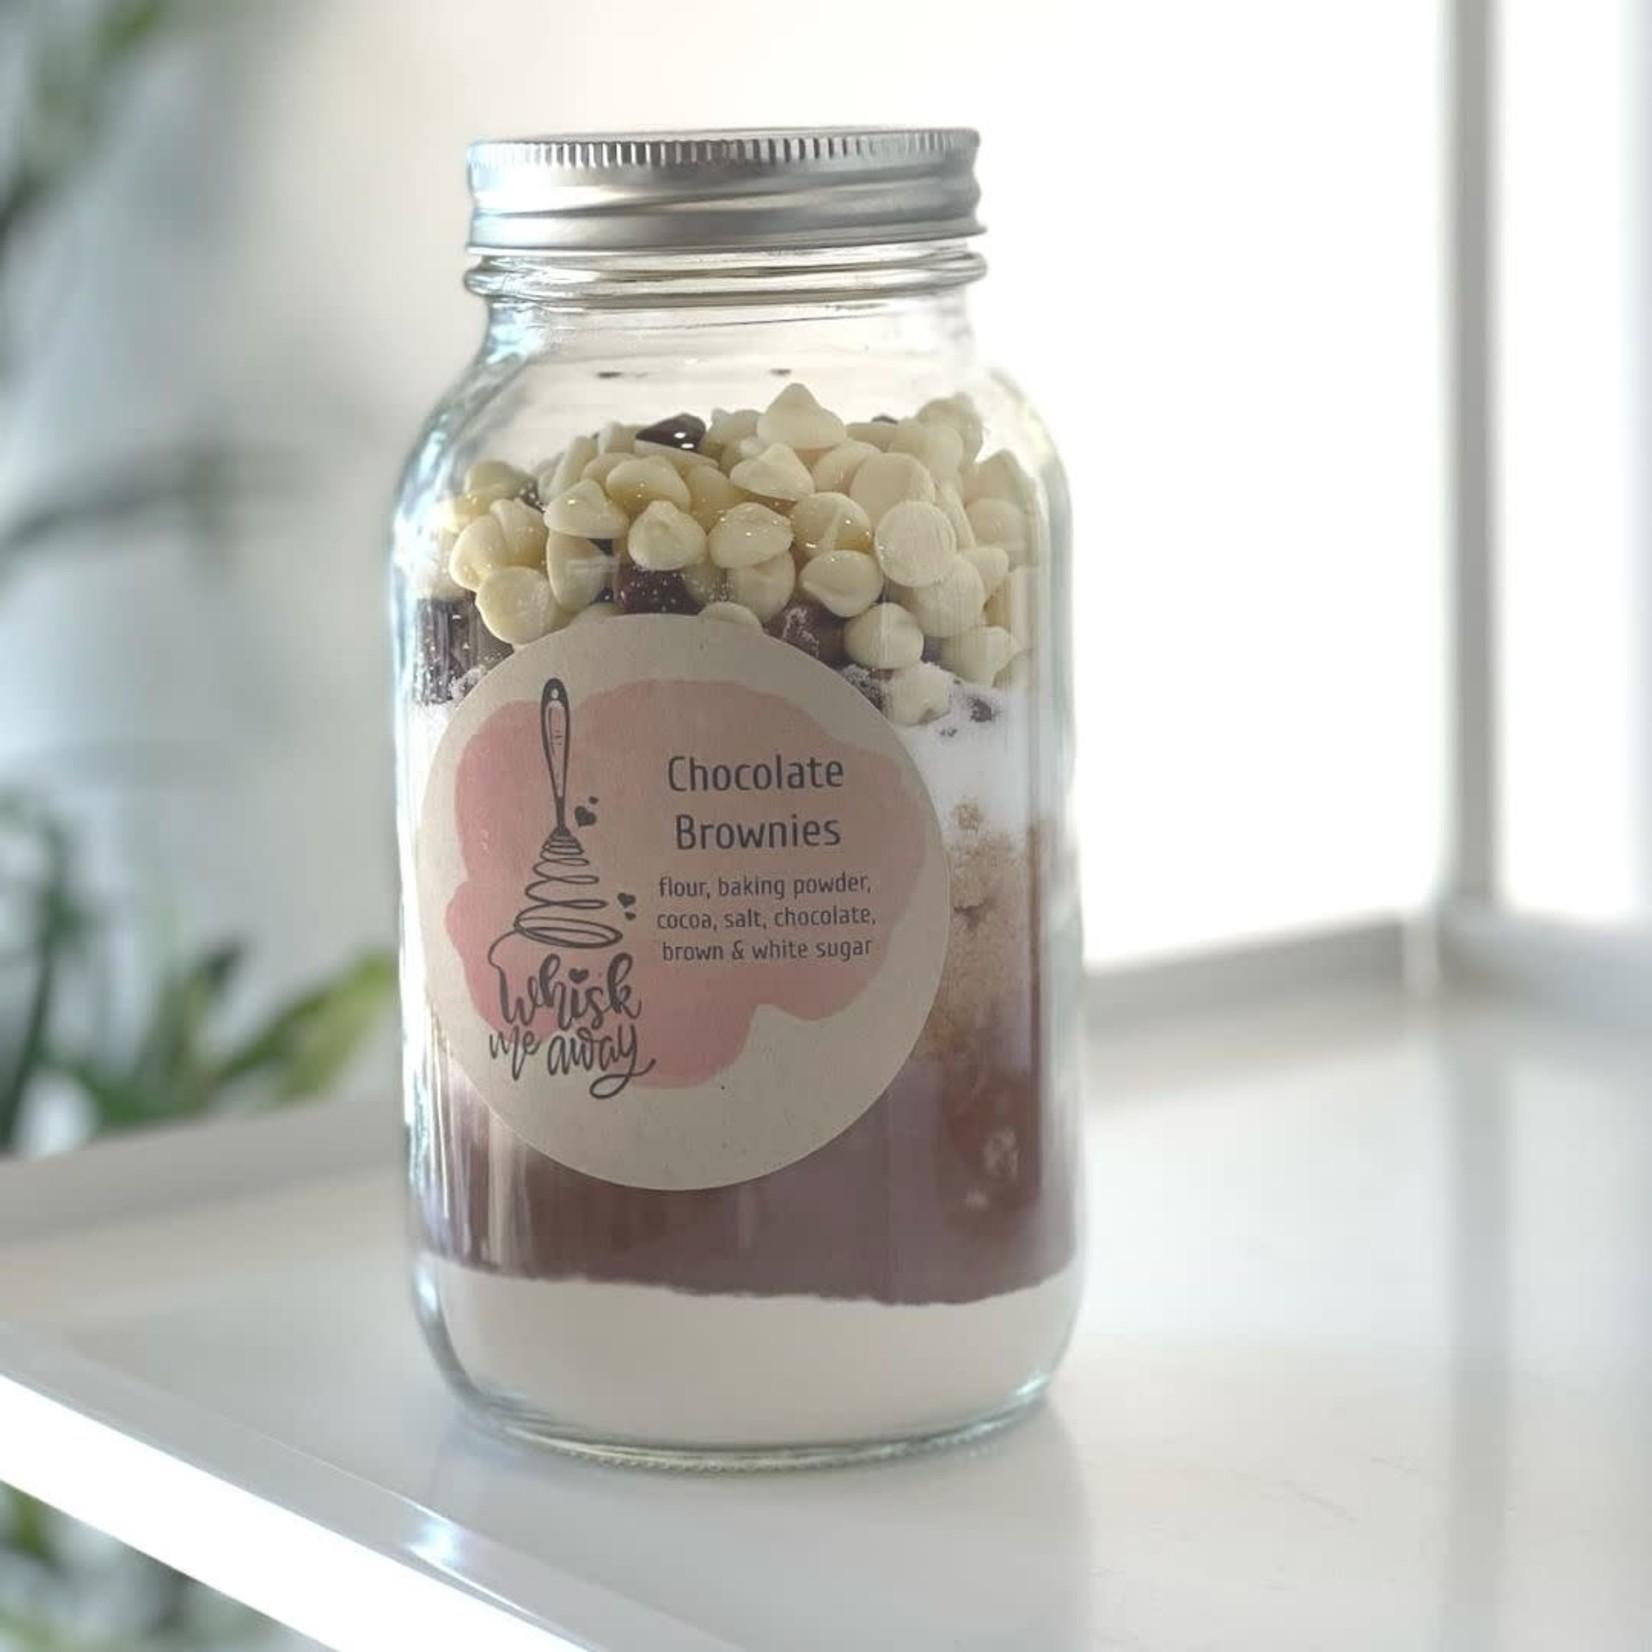 Whisk Me Away Chocolate Brownie Jar